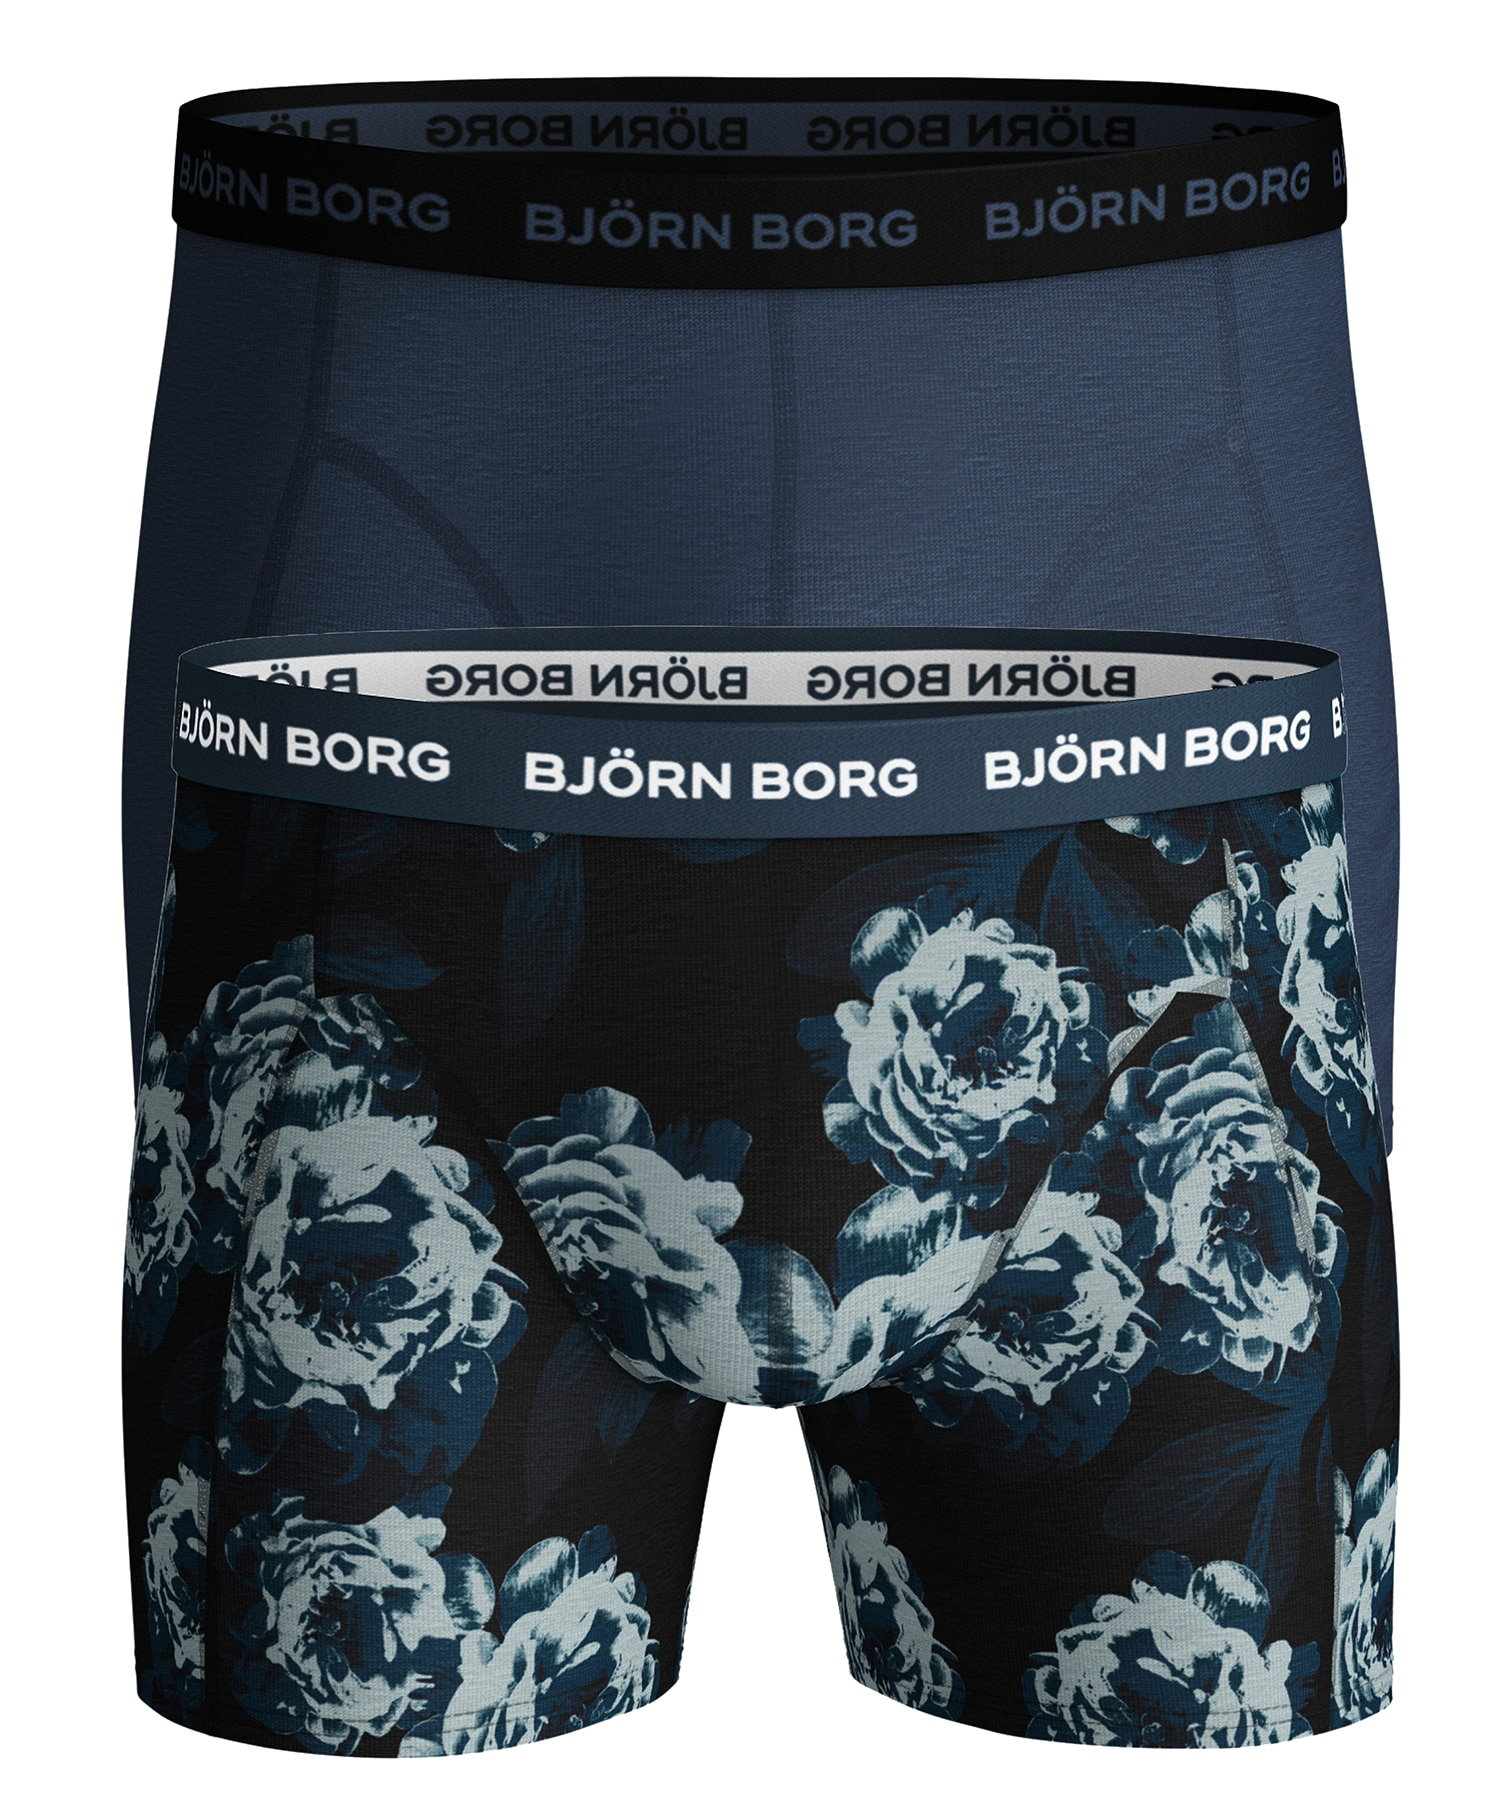 Bjørn Borg 2pk boxer